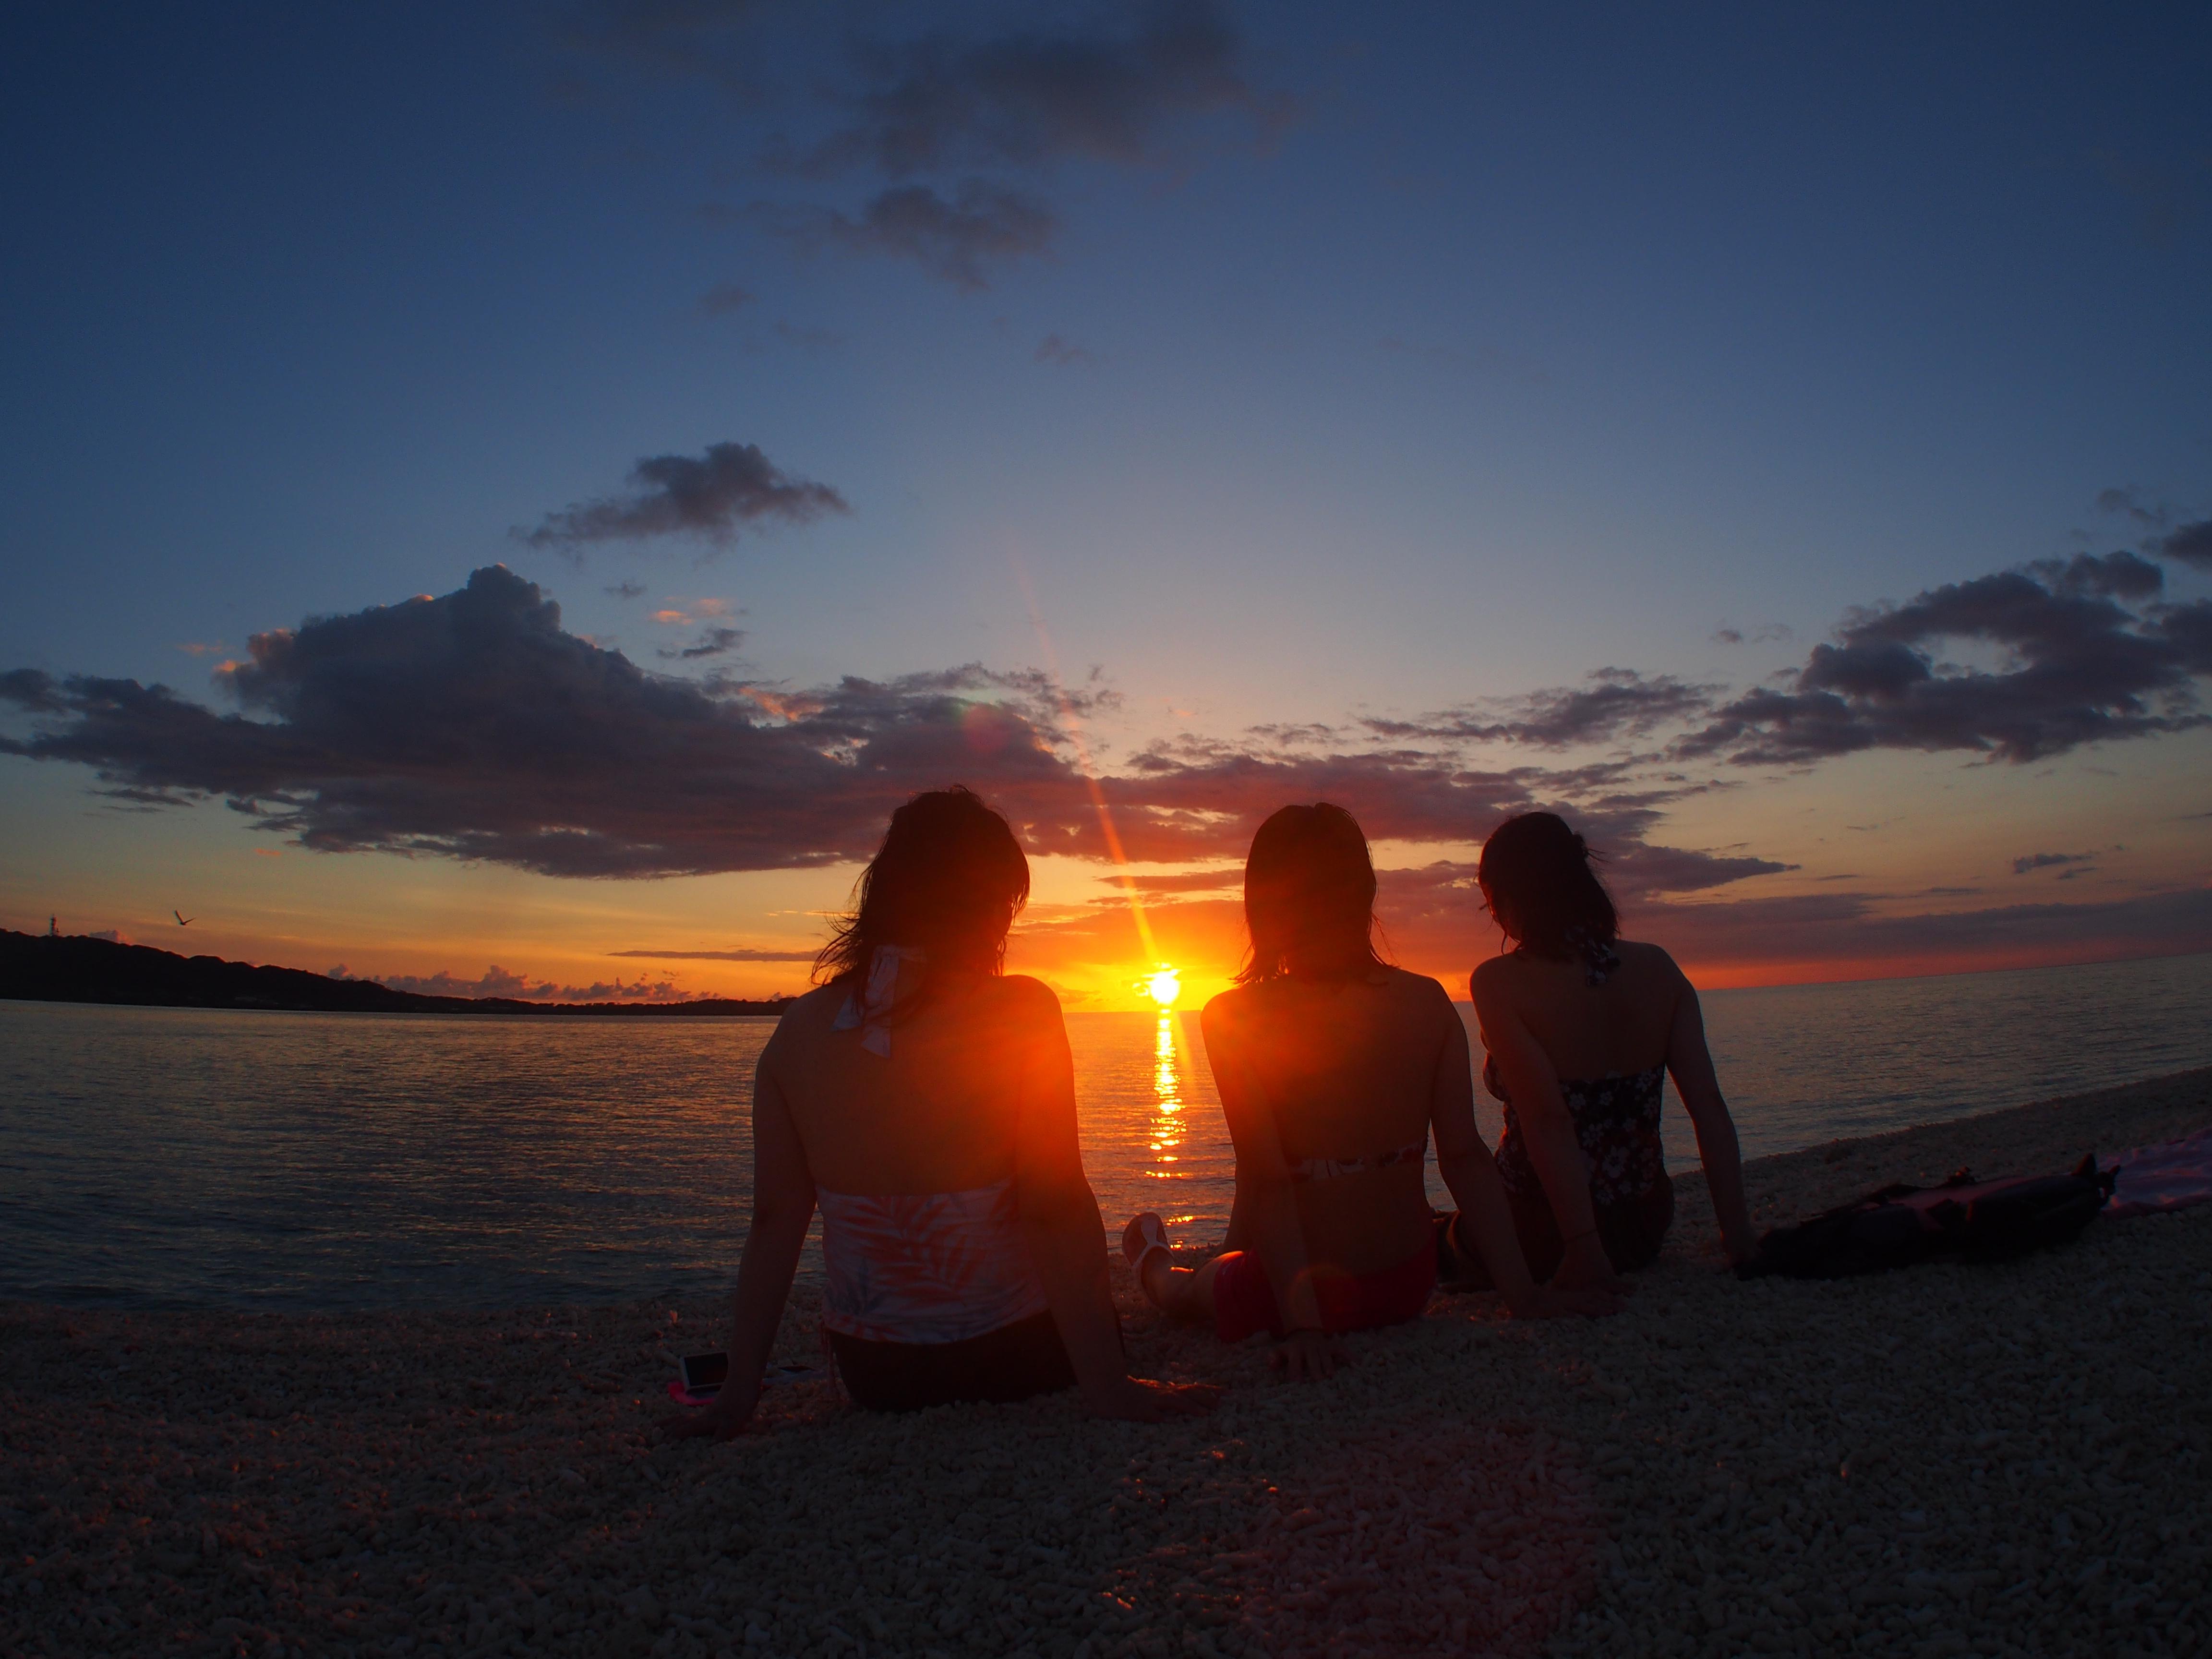 マジックアワーの余韻に浸る女性3人